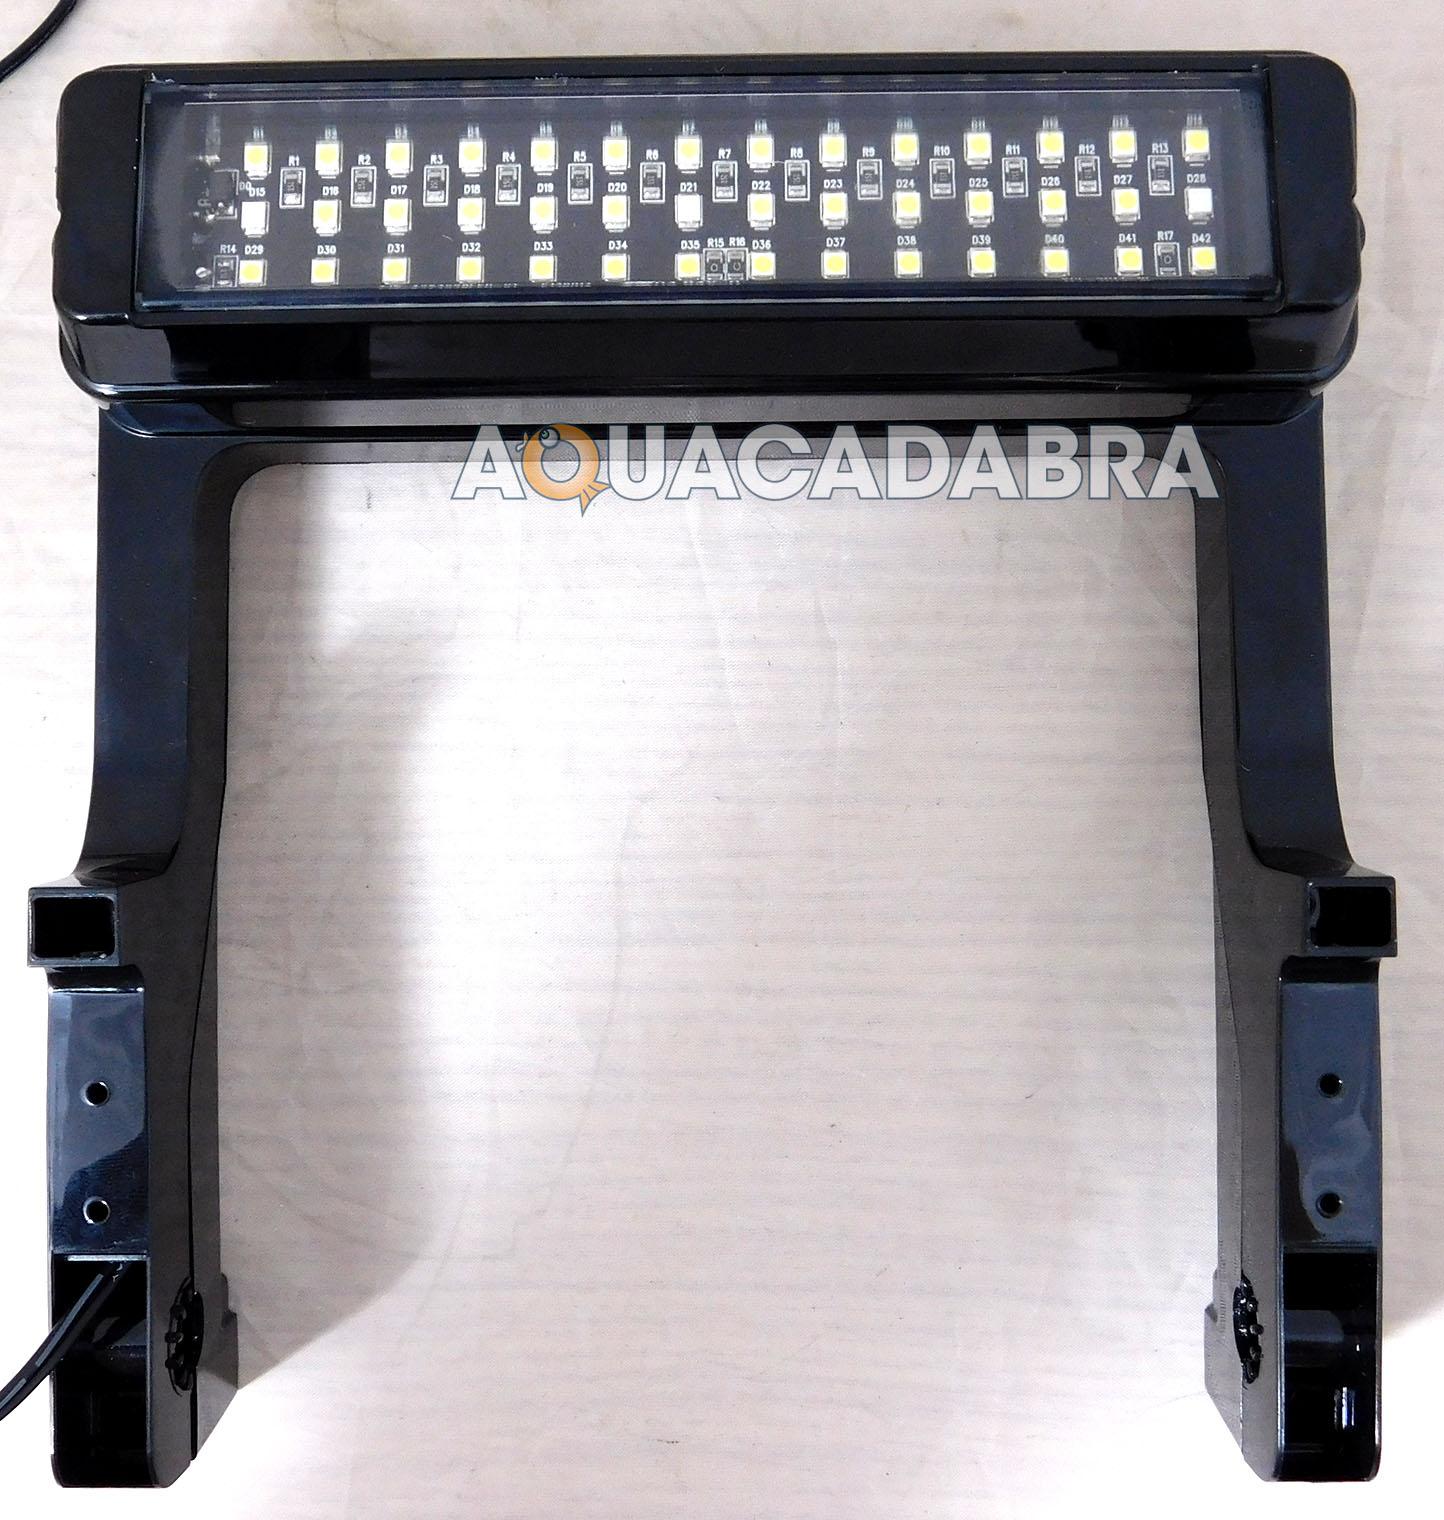 Fluval edge 46l led light lamp a13926 replacement 42 for Led fish tank light